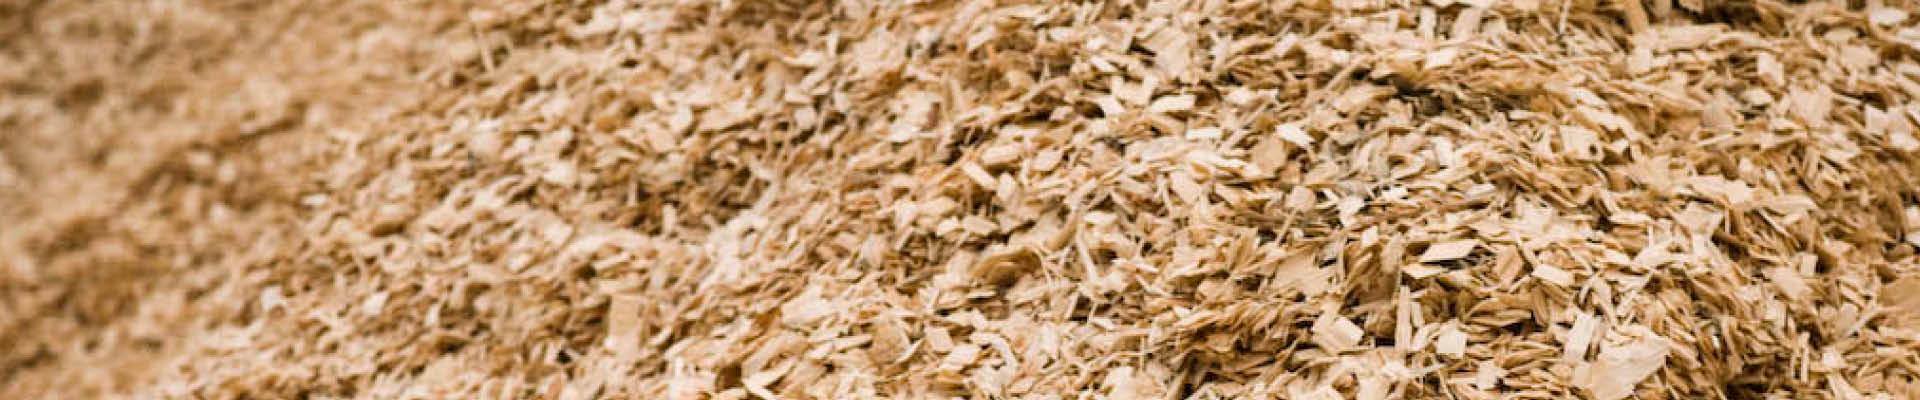 pavatex houtvezelisolatie